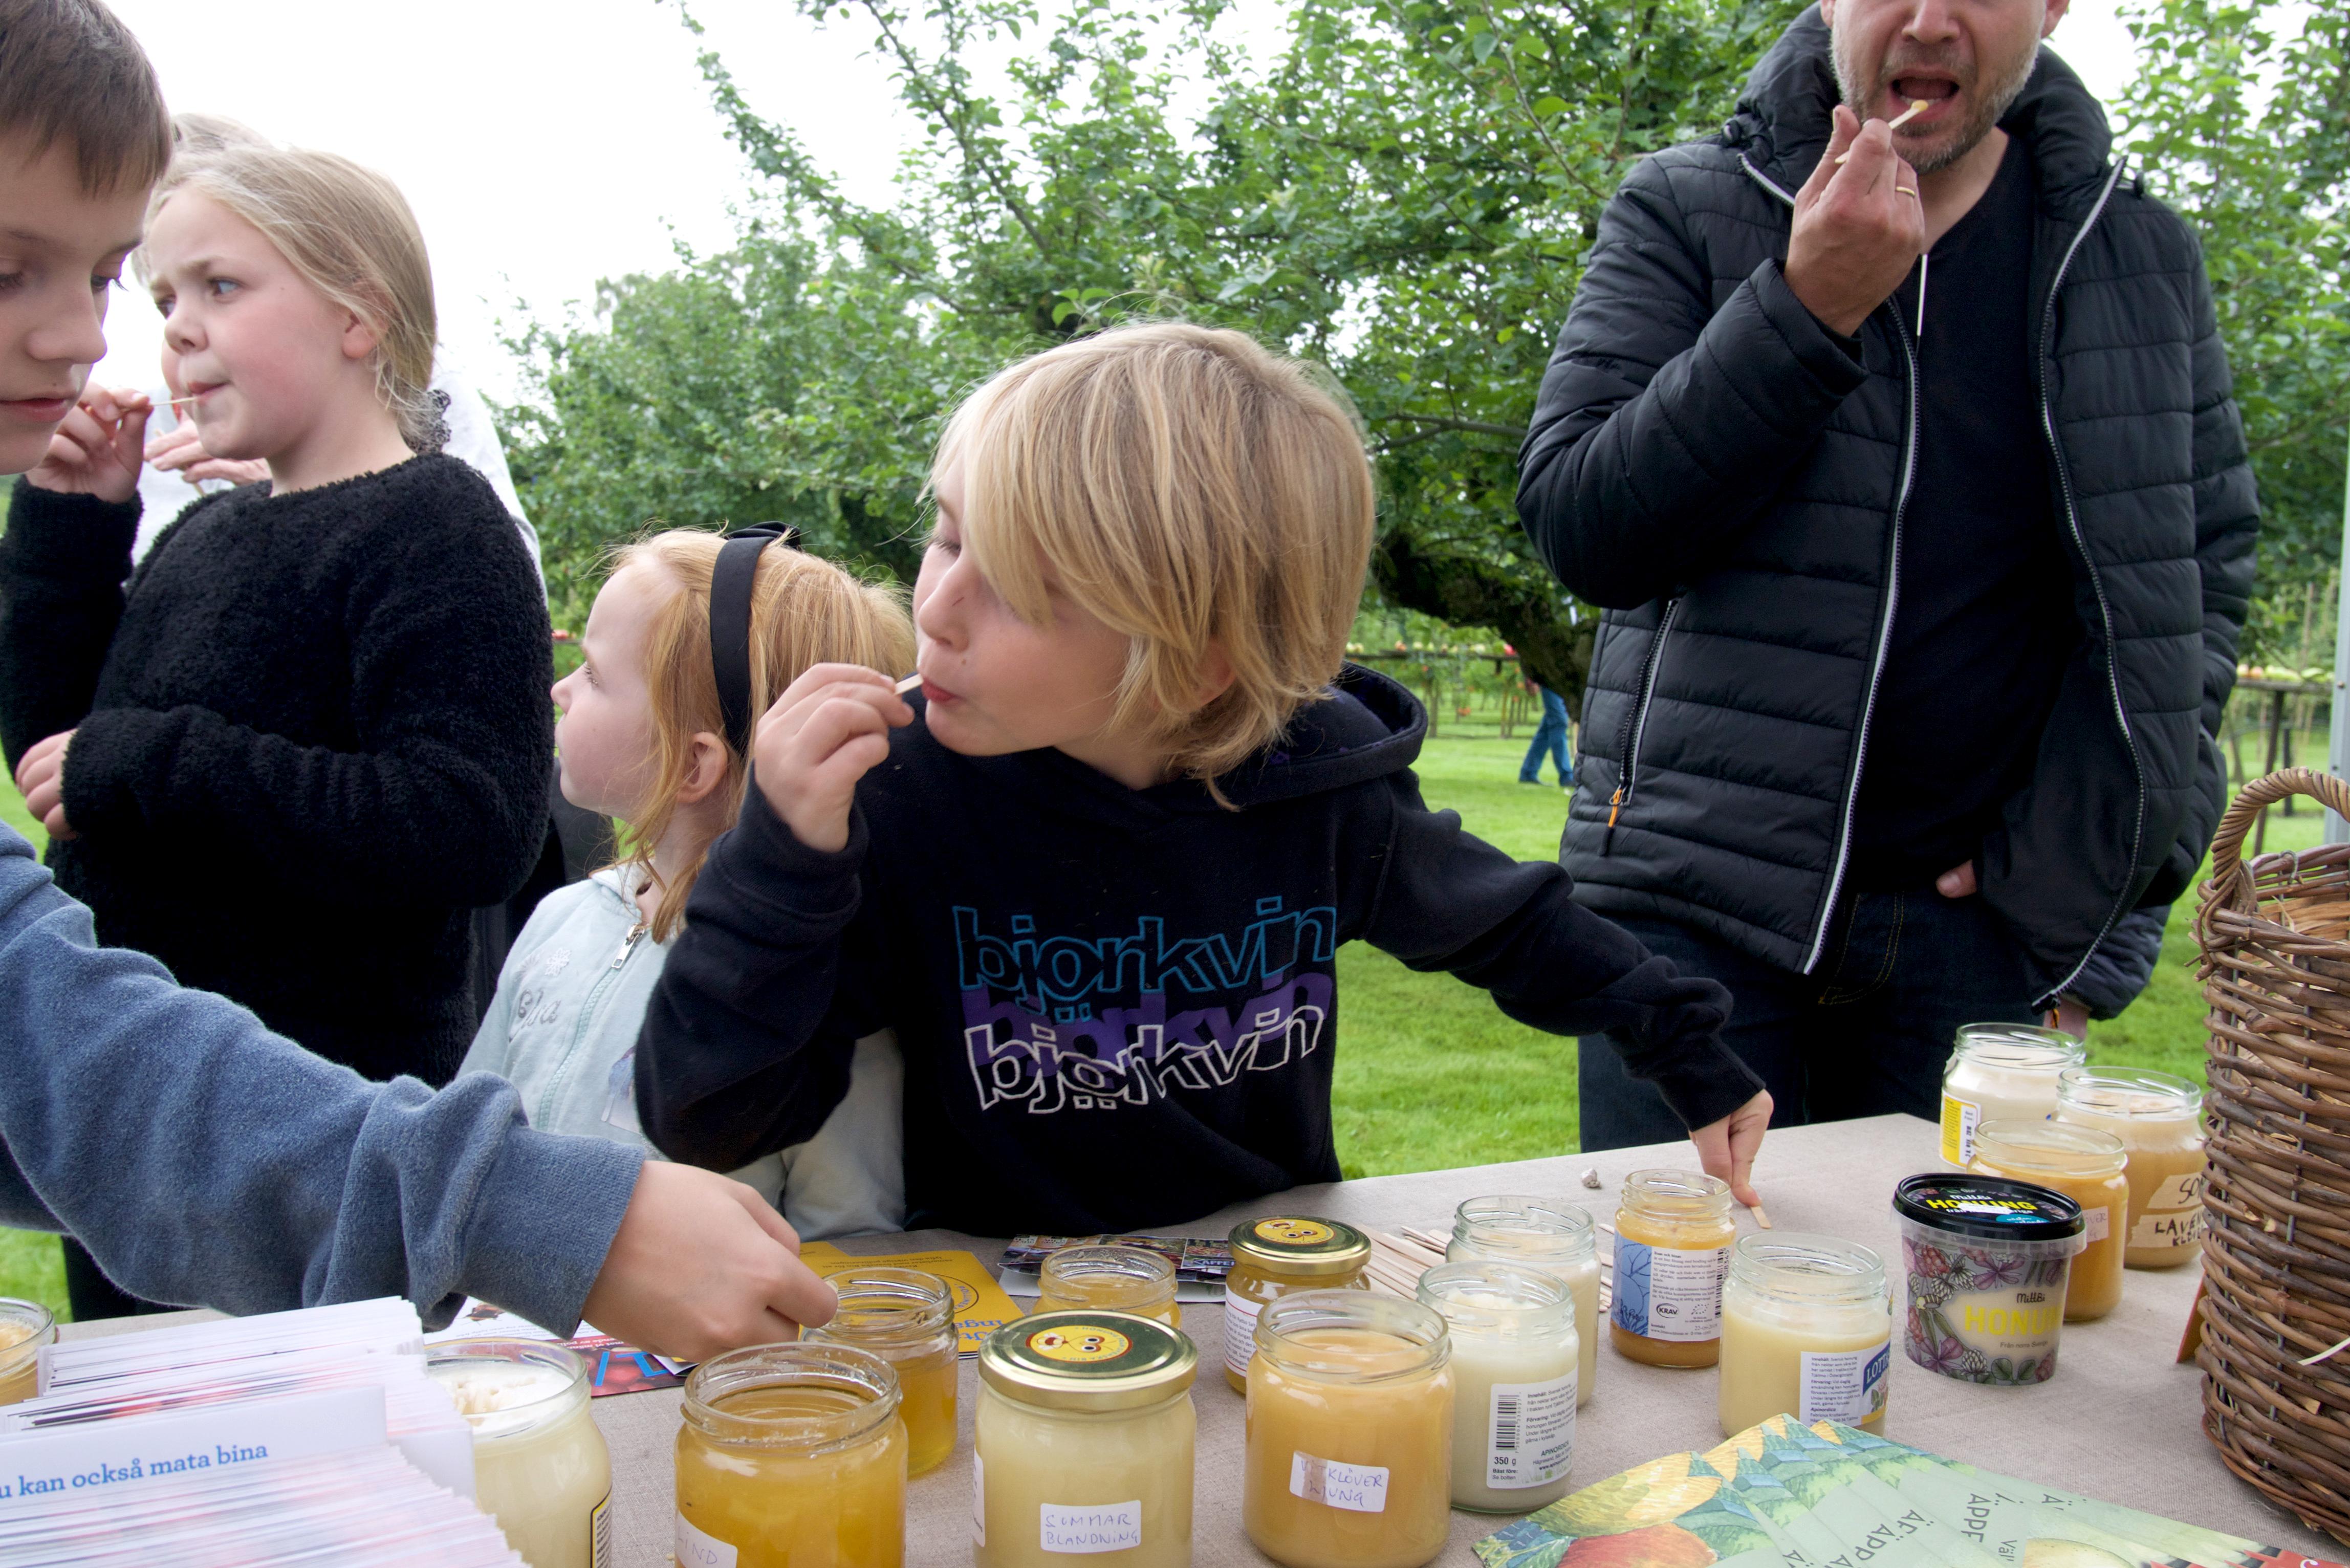 Honungsbar i Kivik